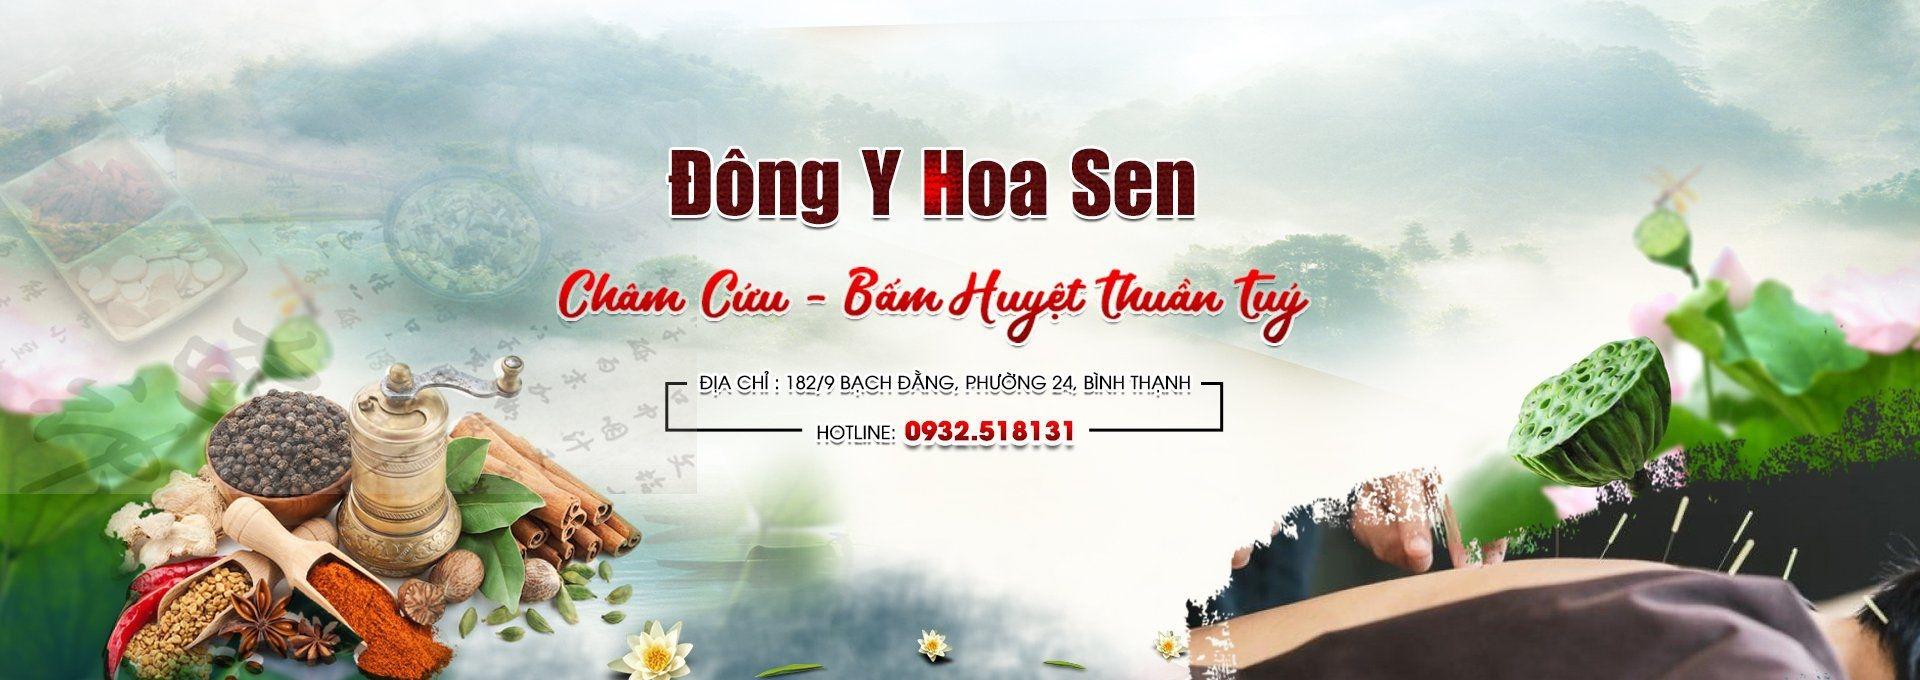 Đ (@dongyhoasen) Cover Image